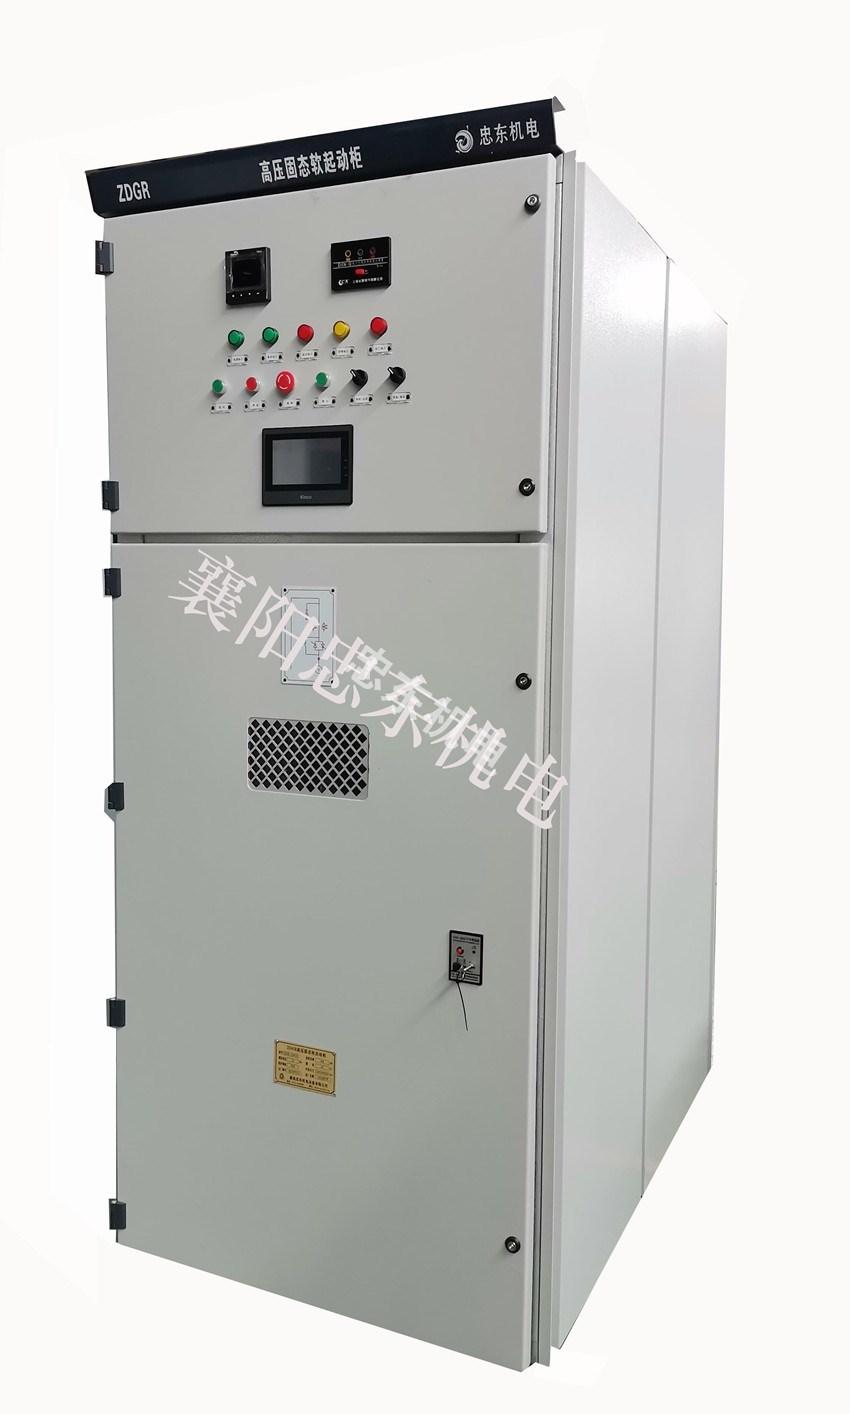 跟着忠东机电一起看看高压启动柜的应用和启动方式!